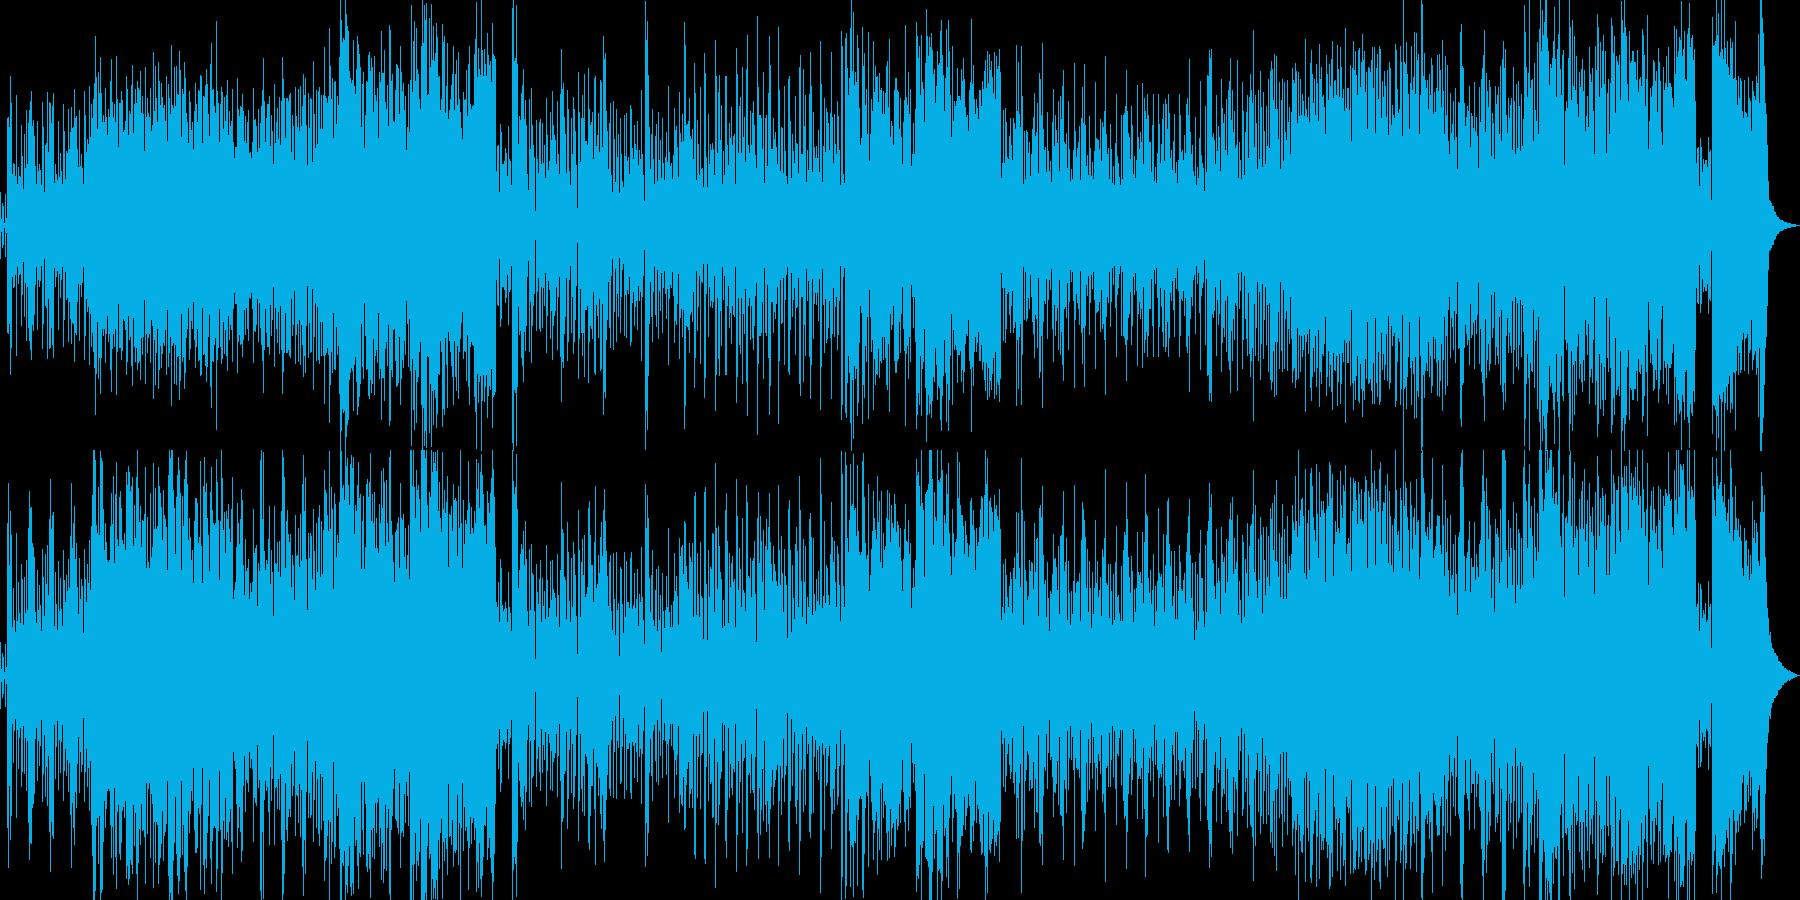 ビッグバンド/ジャズ/ラジオ/都会/夜の再生済みの波形